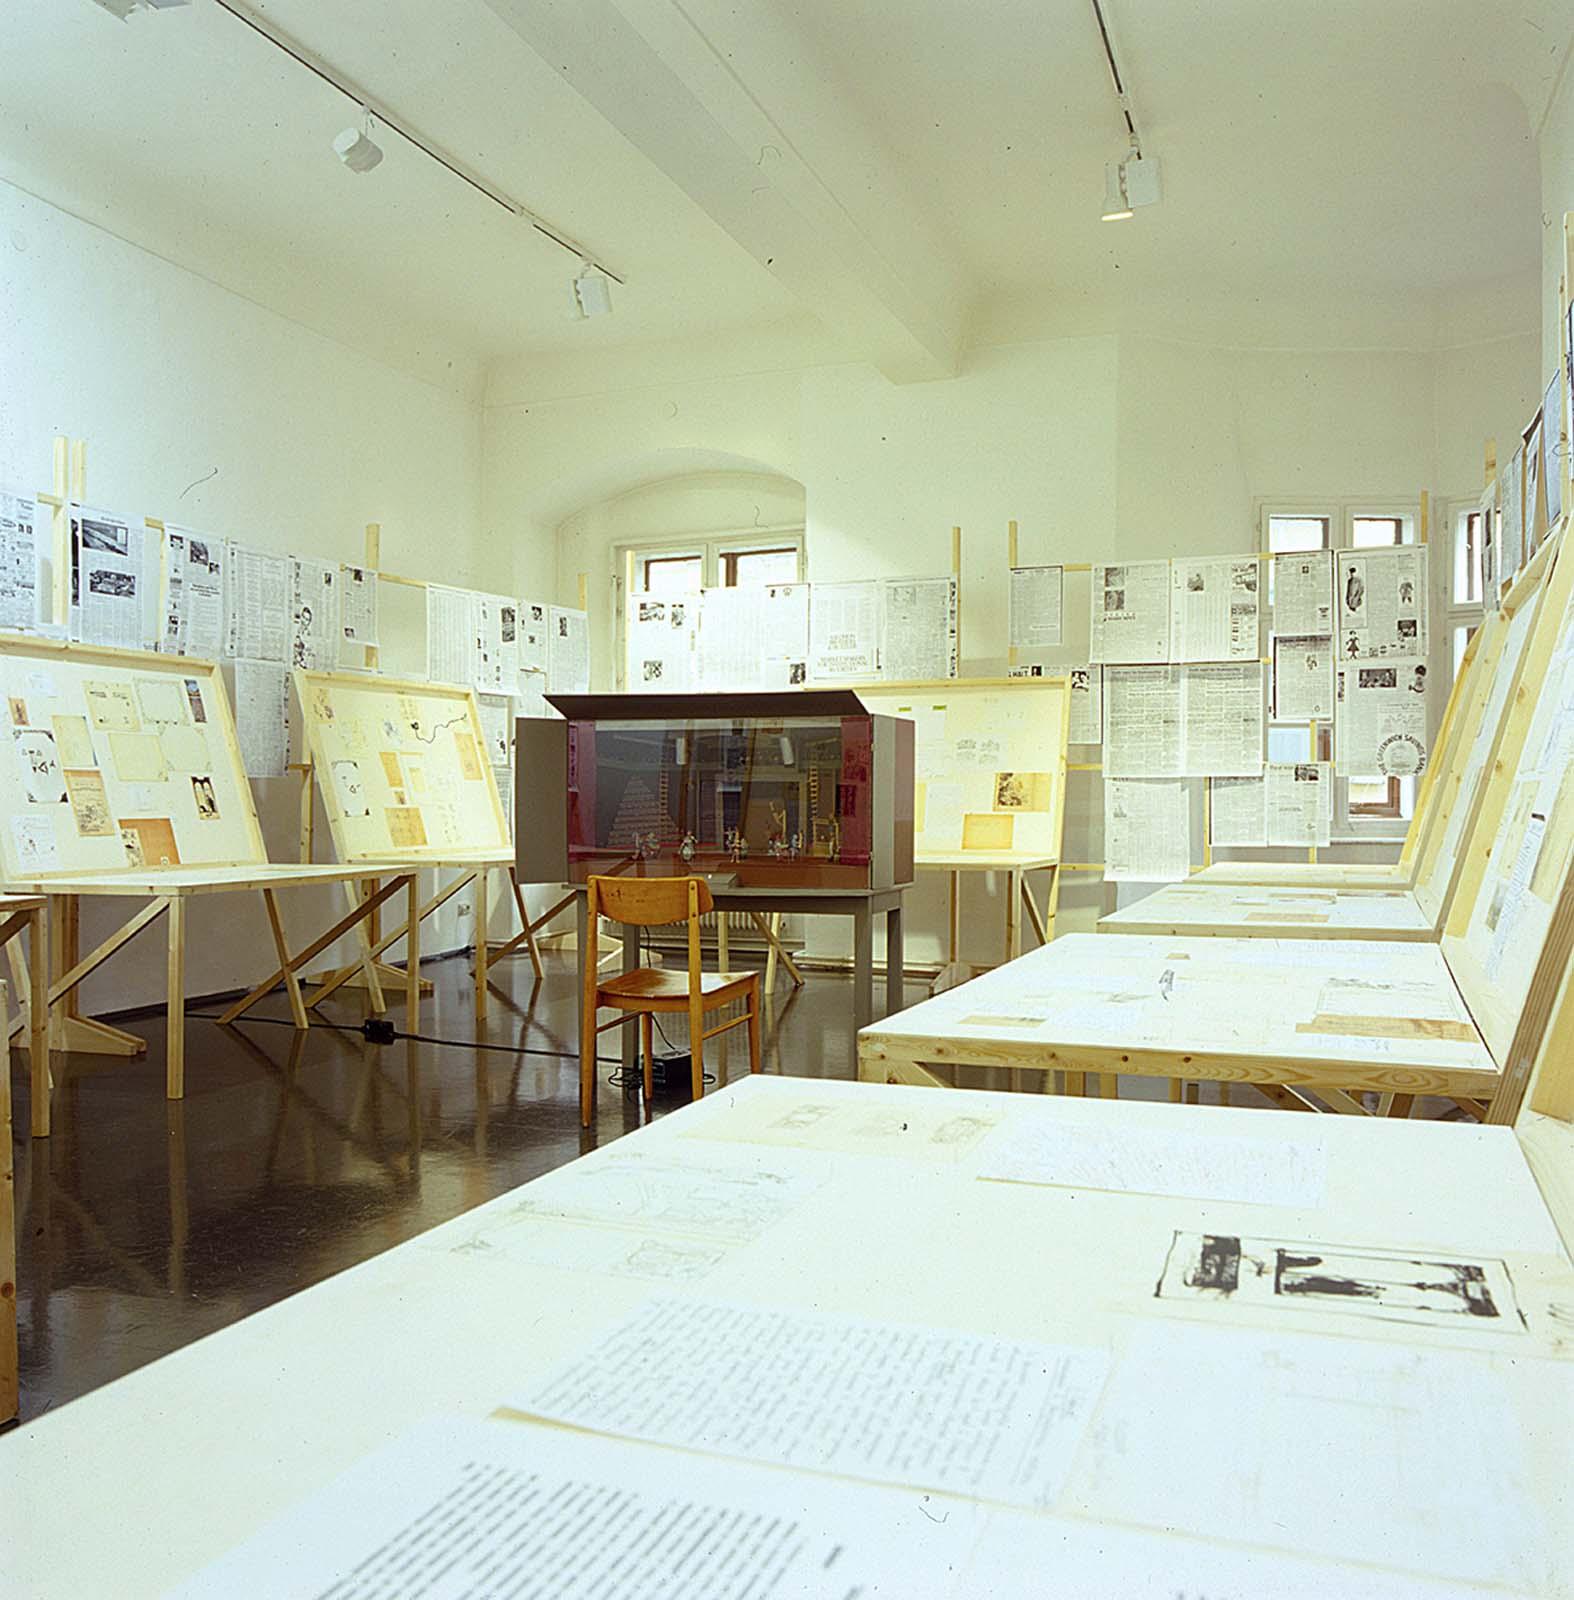 View-of-installation-Grazer-Kunstverein-Graz-2001-1.jpg